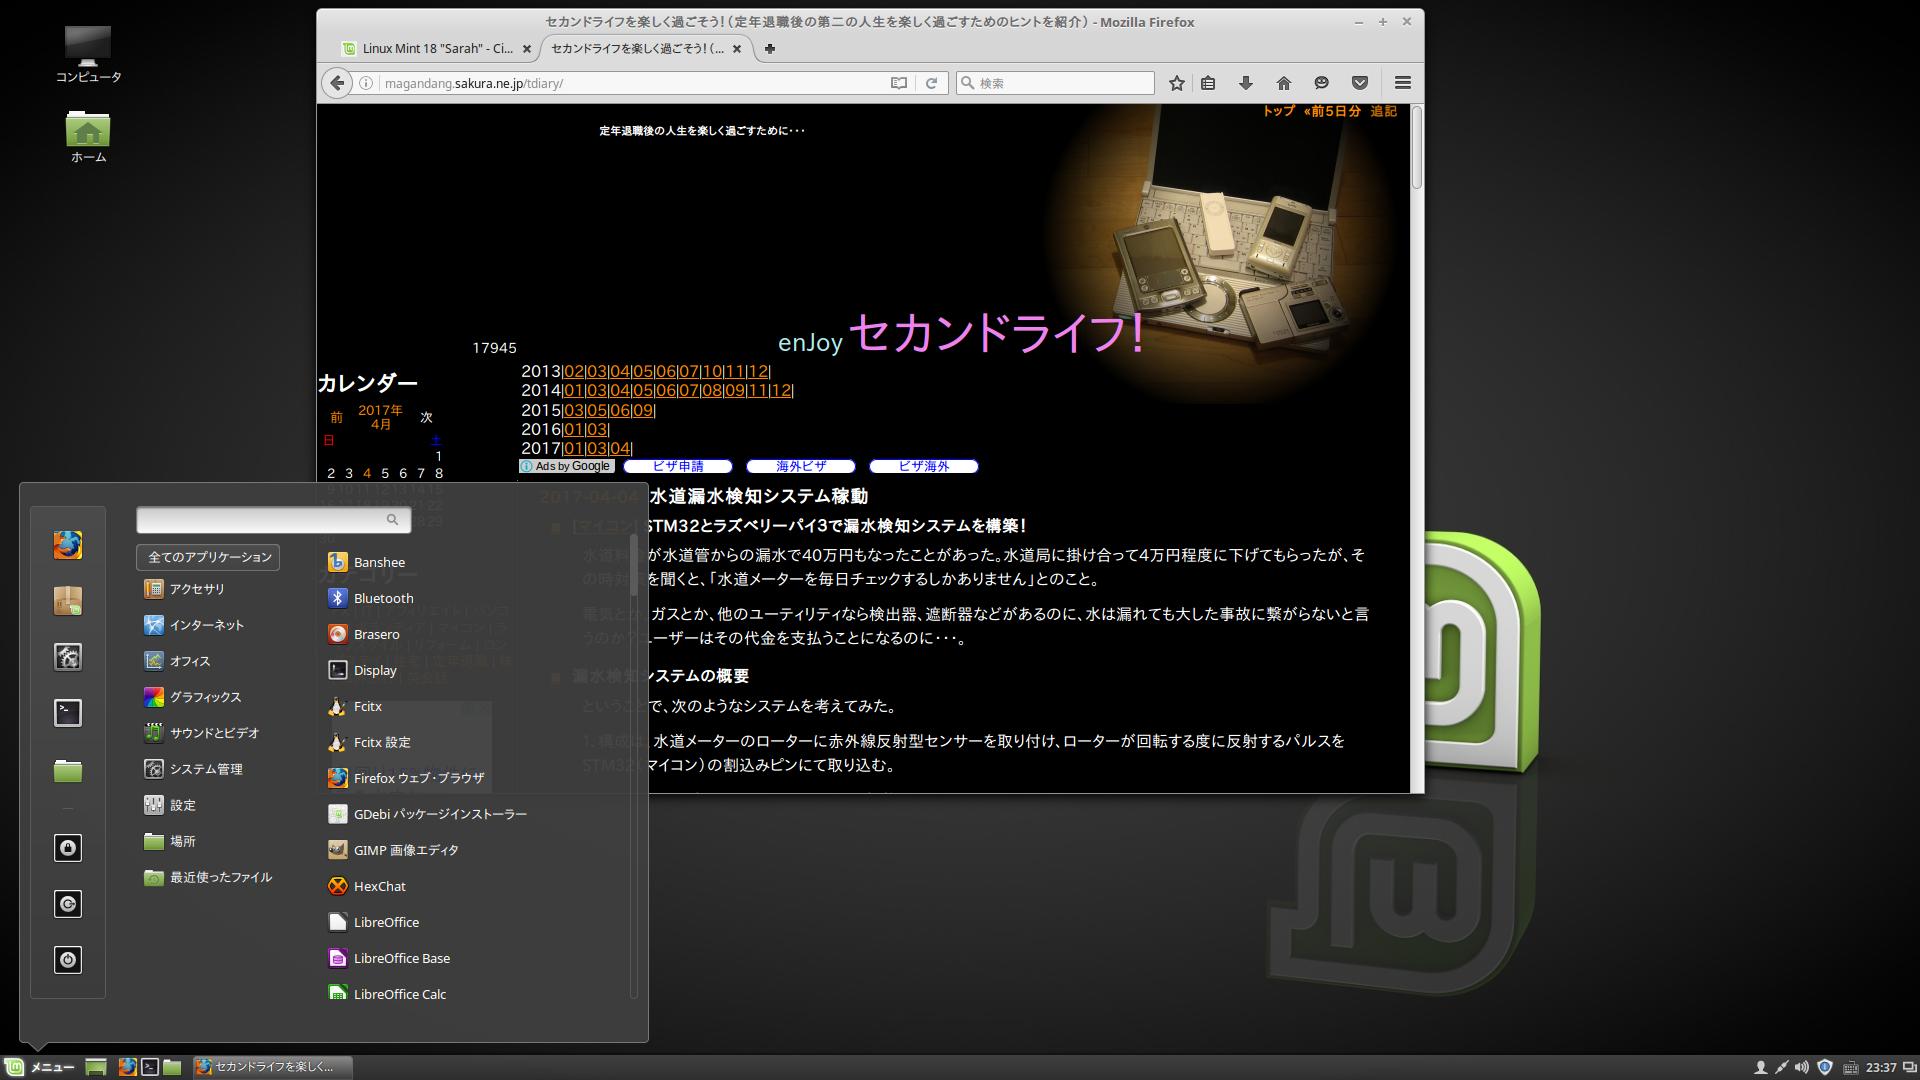 Linuxをインストールして甦ったWindows-XPマシン